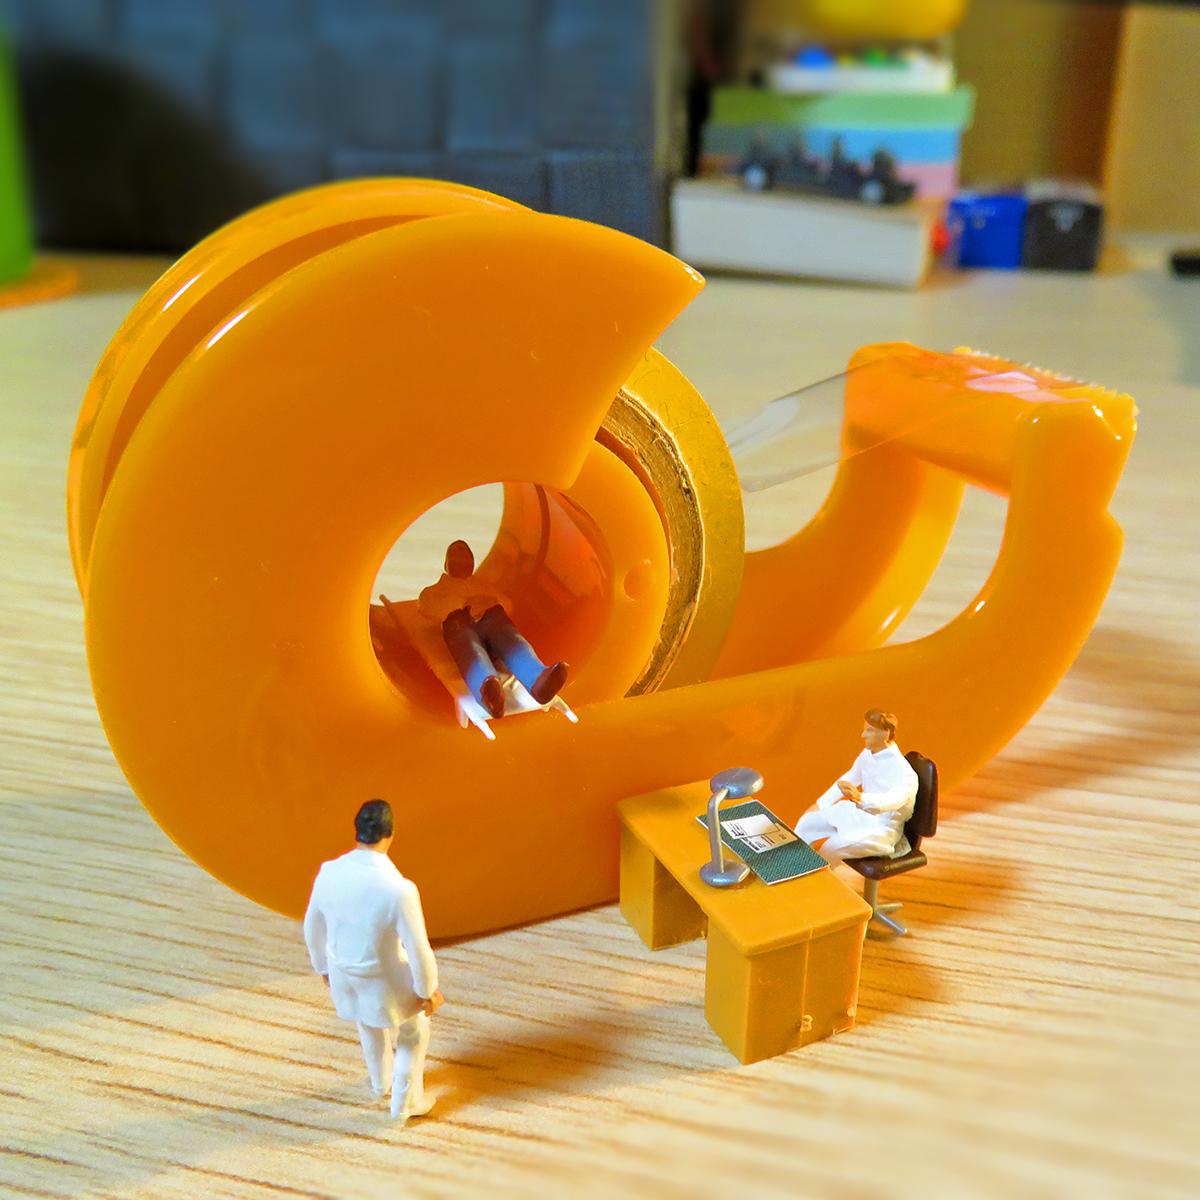 7月12日は人間ドックの日!セロハンテープMRIで検査する人と医師